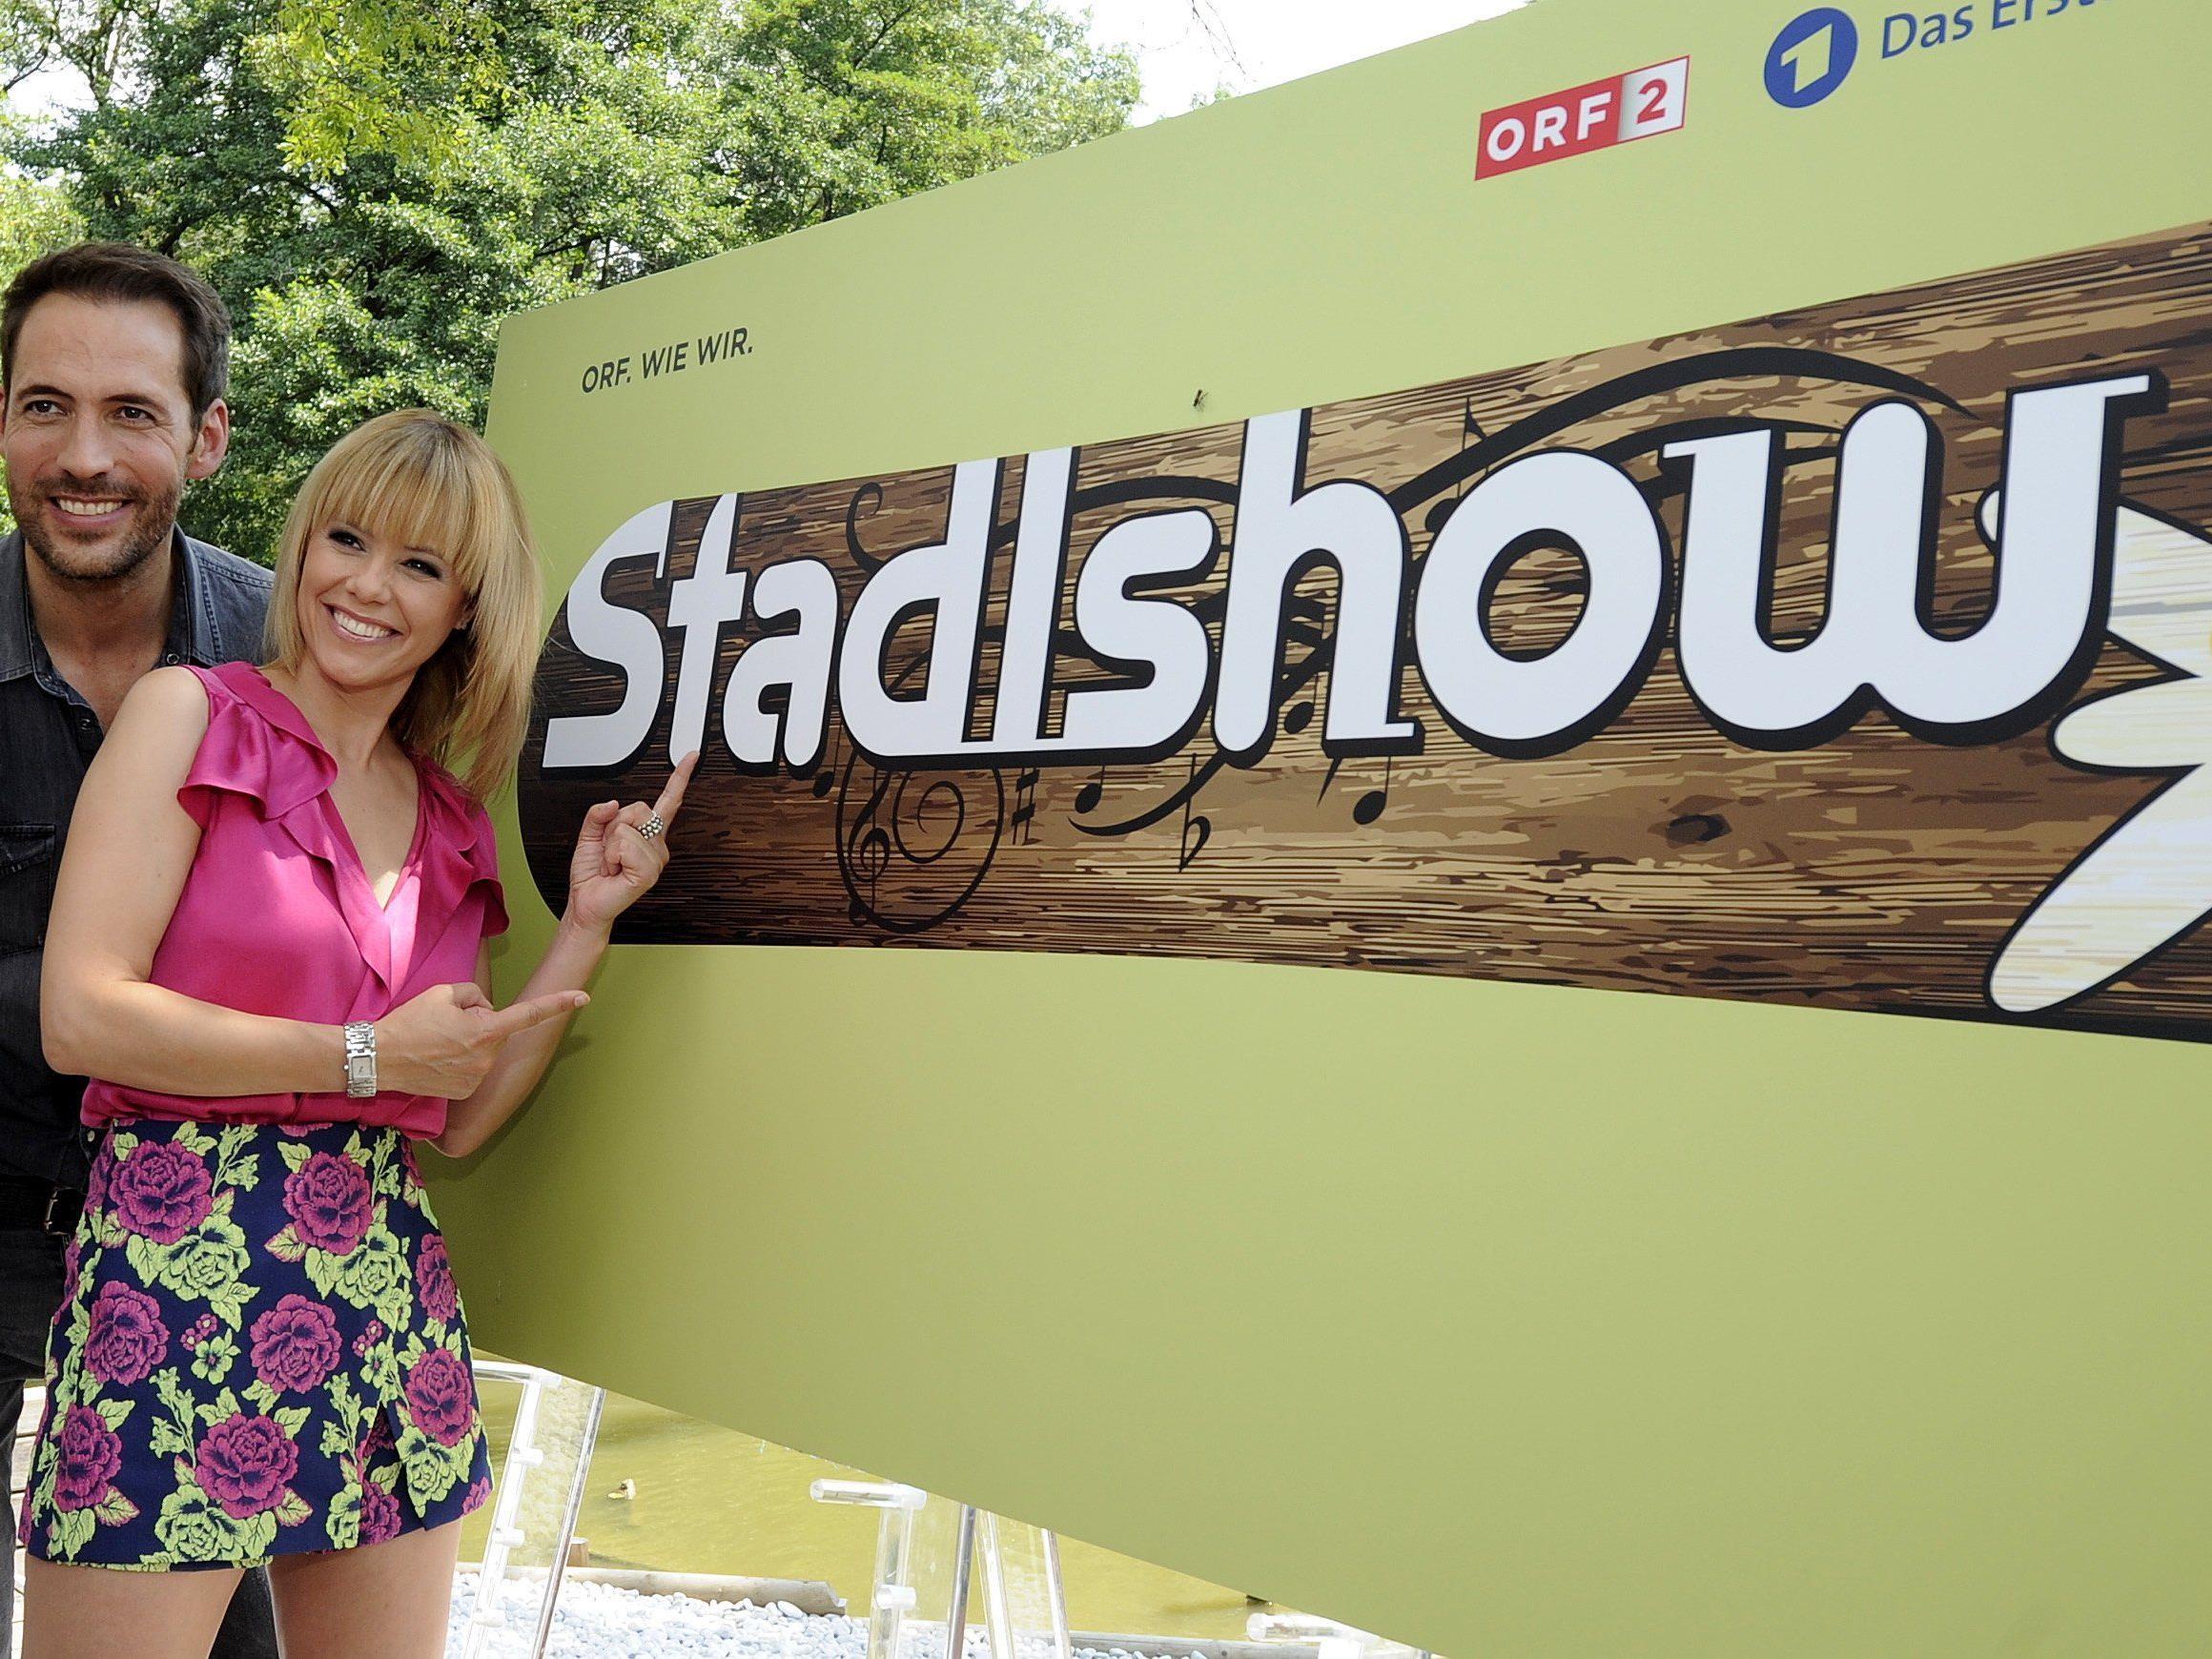 """Am 12. September startet die """"Stadlshow"""" mit Francine Jordi und Alexander Mazza"""